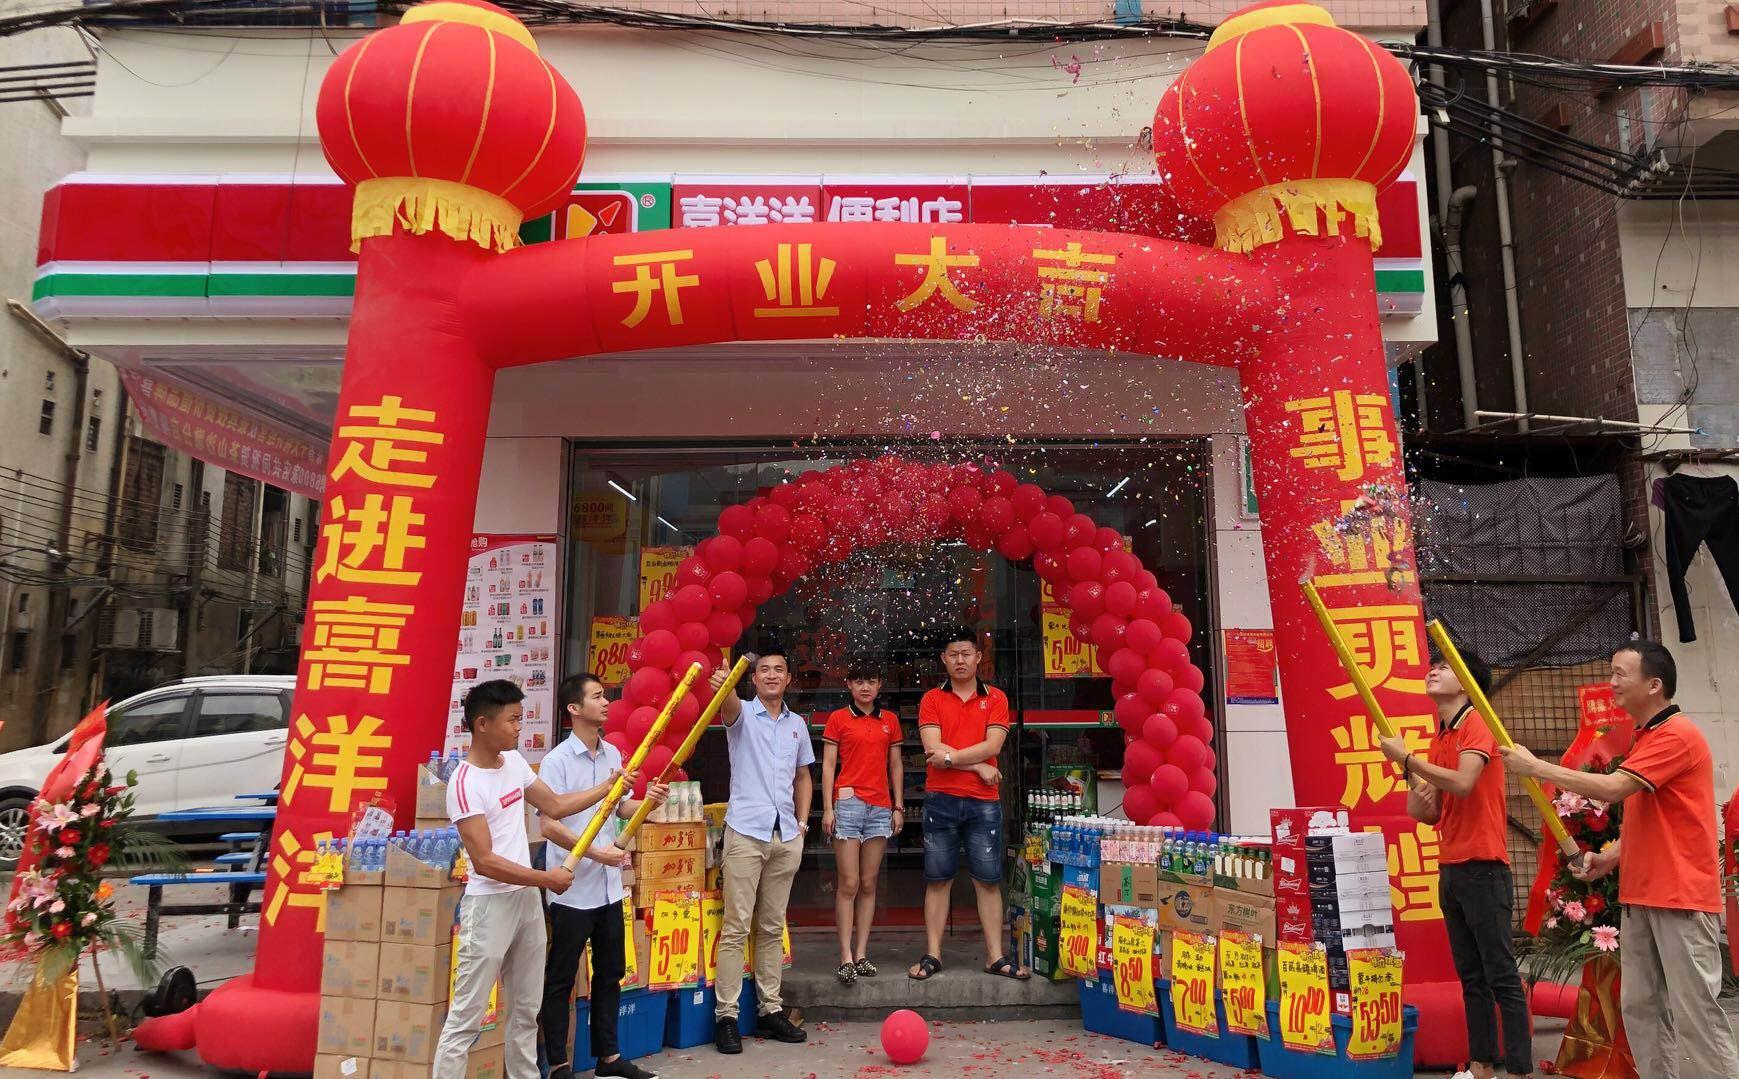 喜洋洋便利店全体员工恭祝茶山镇沙墩分店08月23日隆重开业